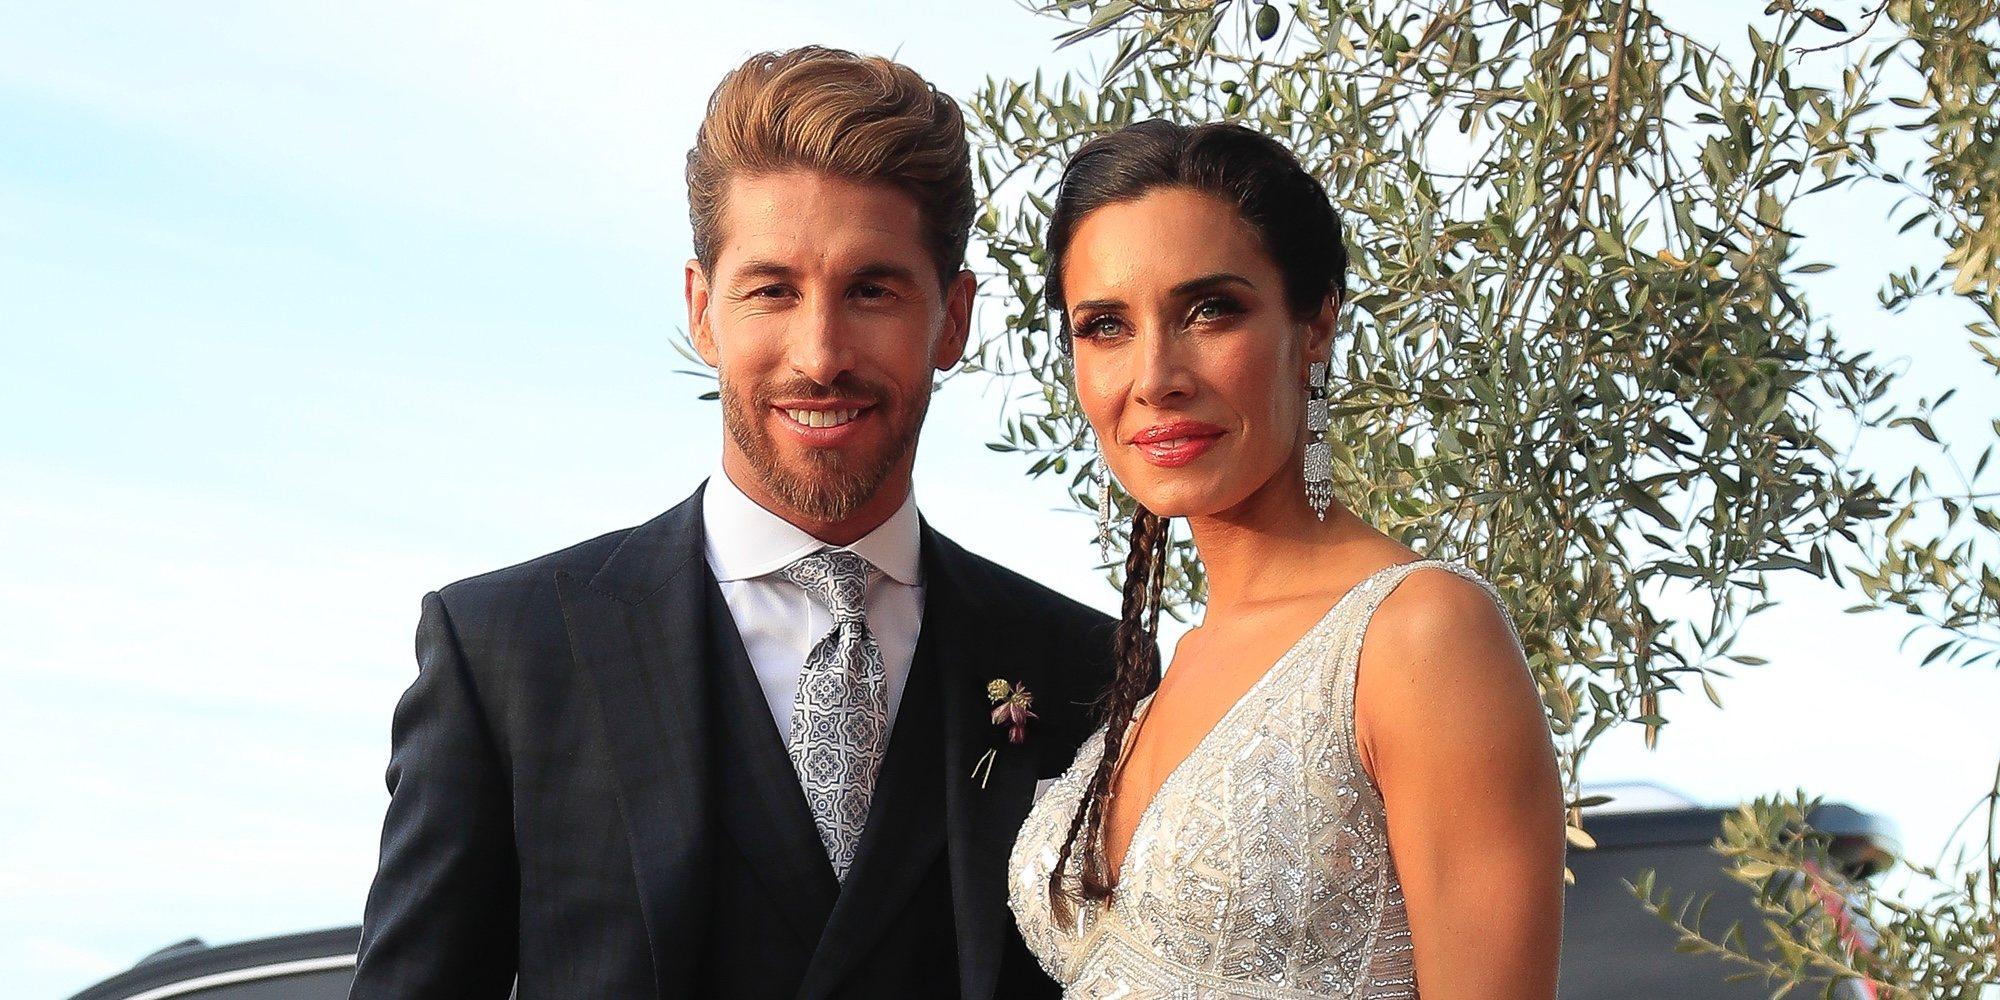 """Primeras palabras de Sergio Ramos y Pilar Rubio tras su boda: """"El amor es el motor que mueve el mundo"""""""